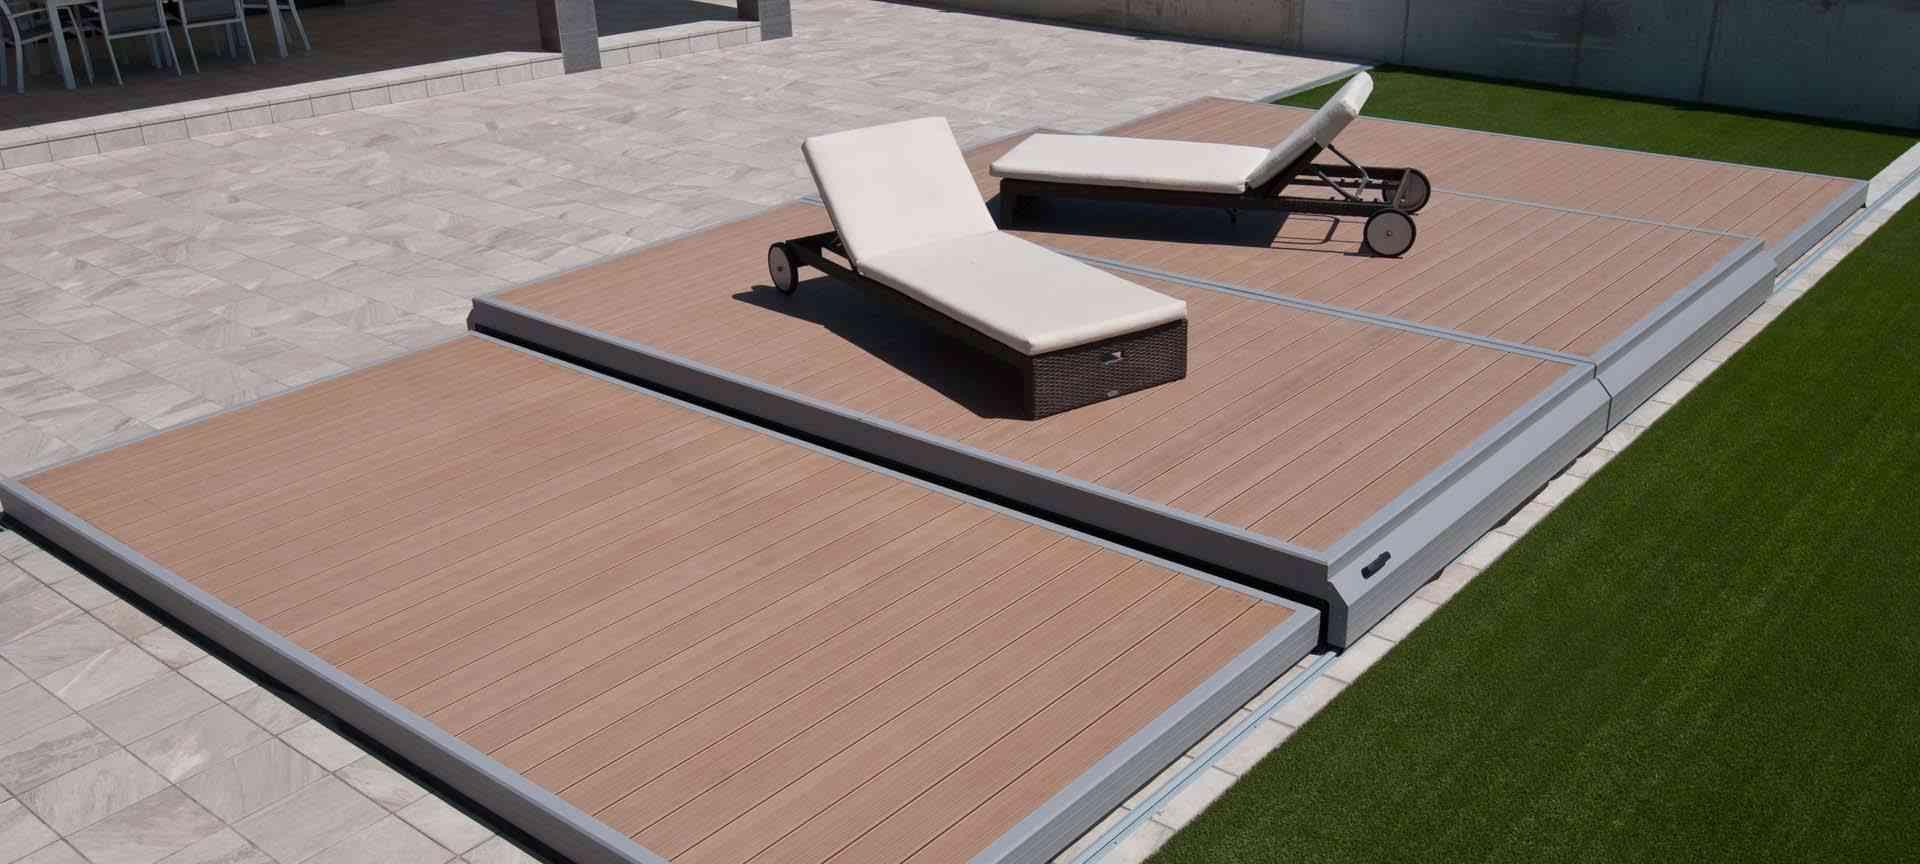 Cubiertas de piscinas, soluciones para tu jardín 2